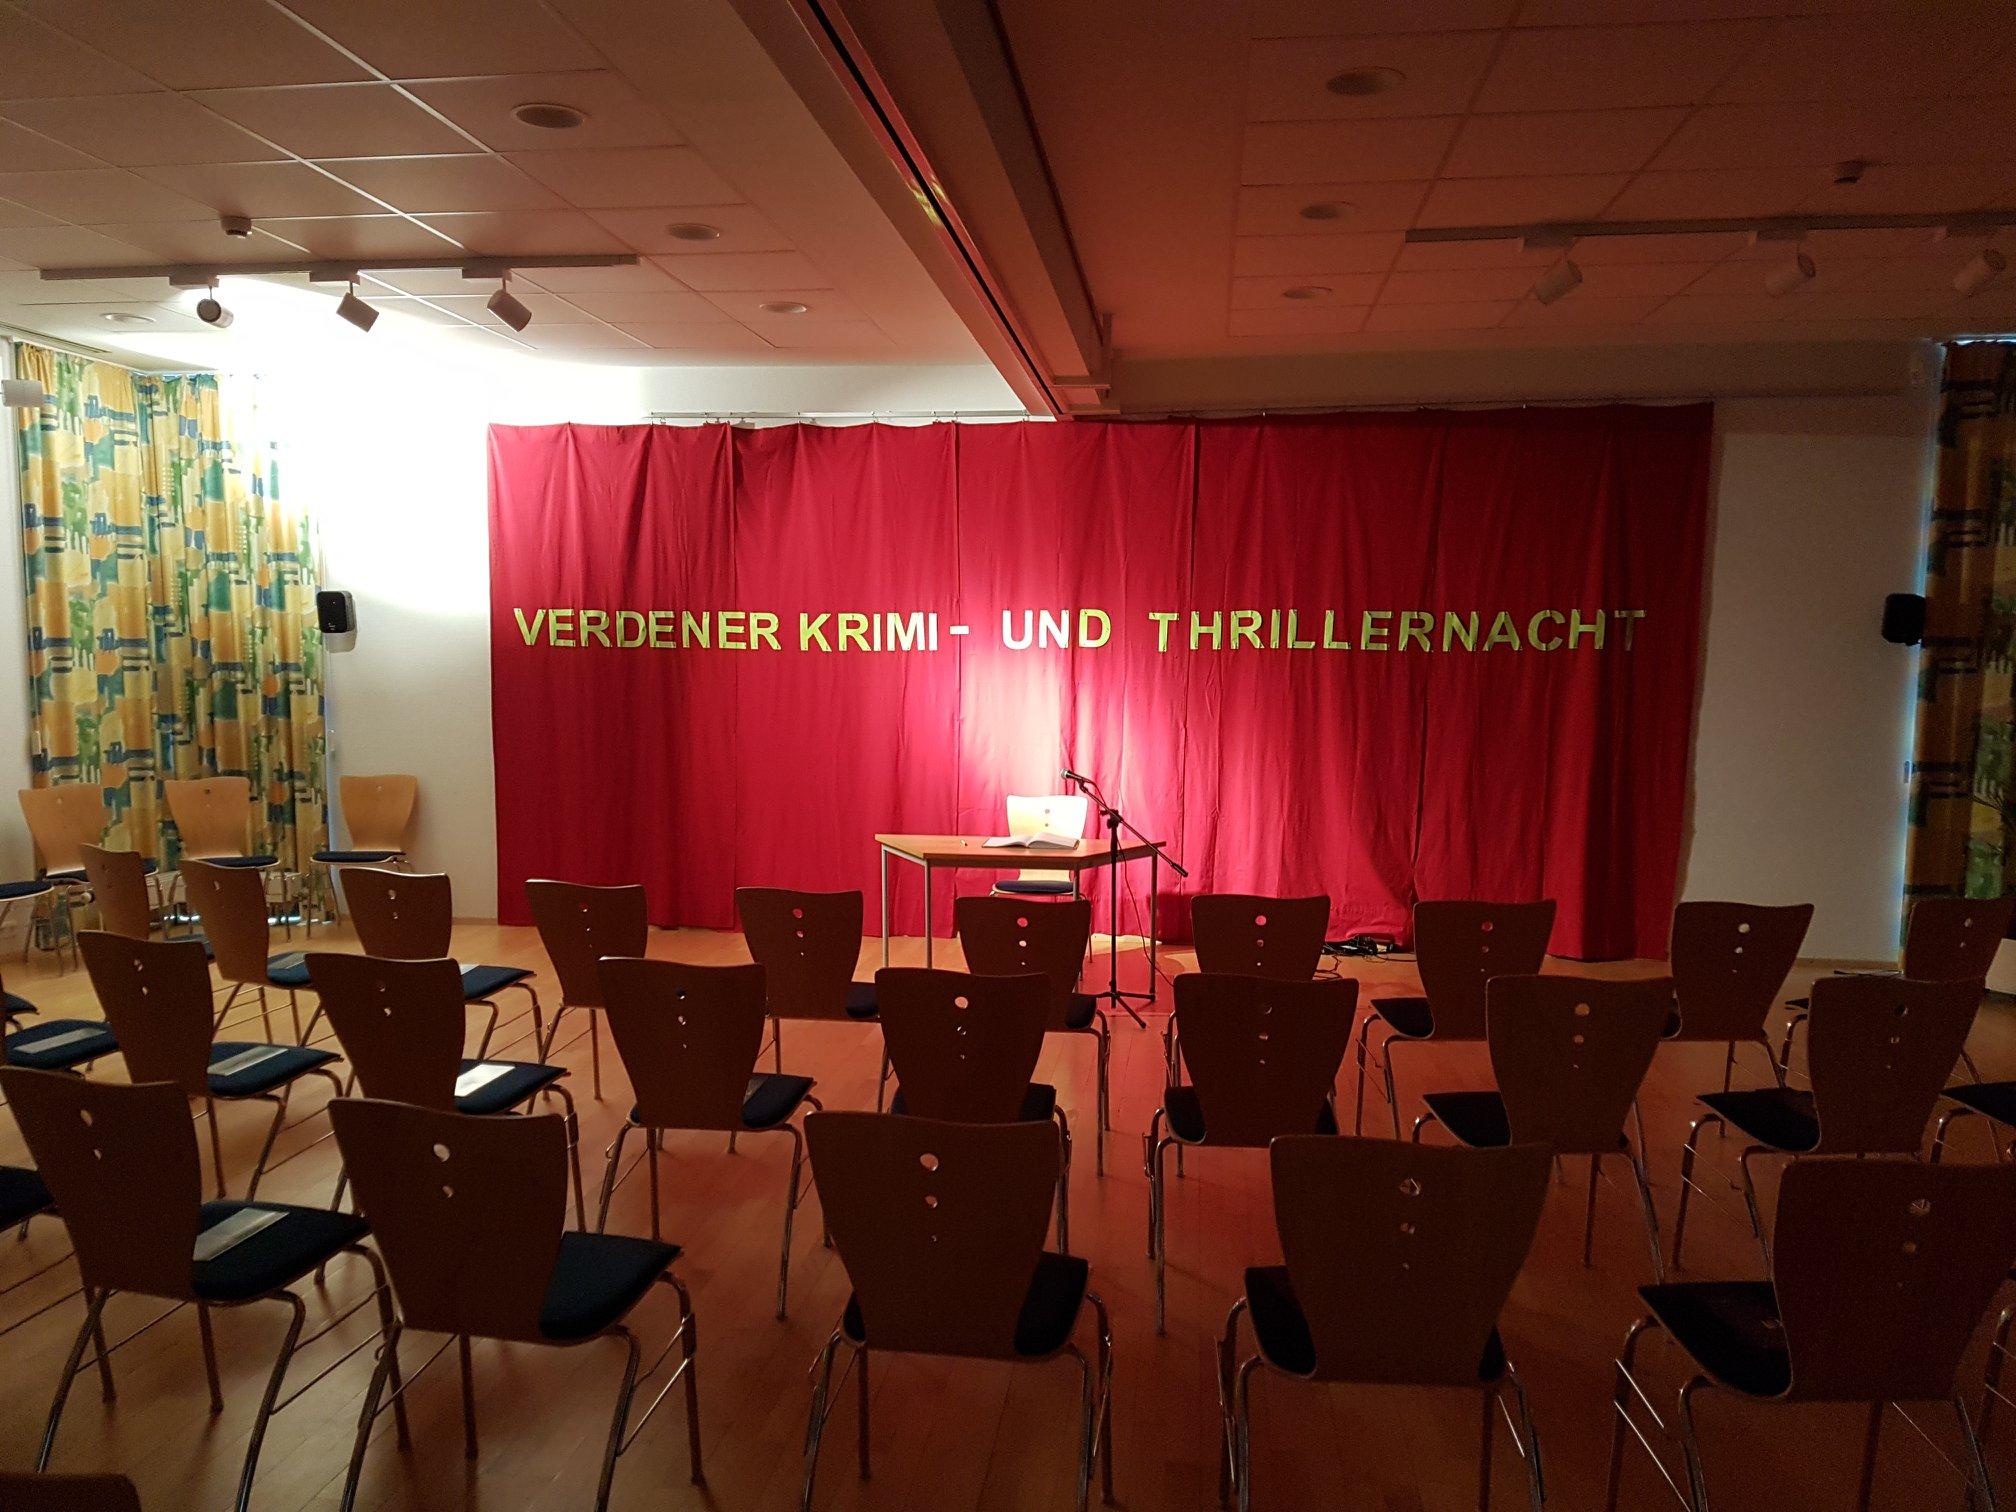 Verdener Krimi- und Thrillernacht 8.6.2018